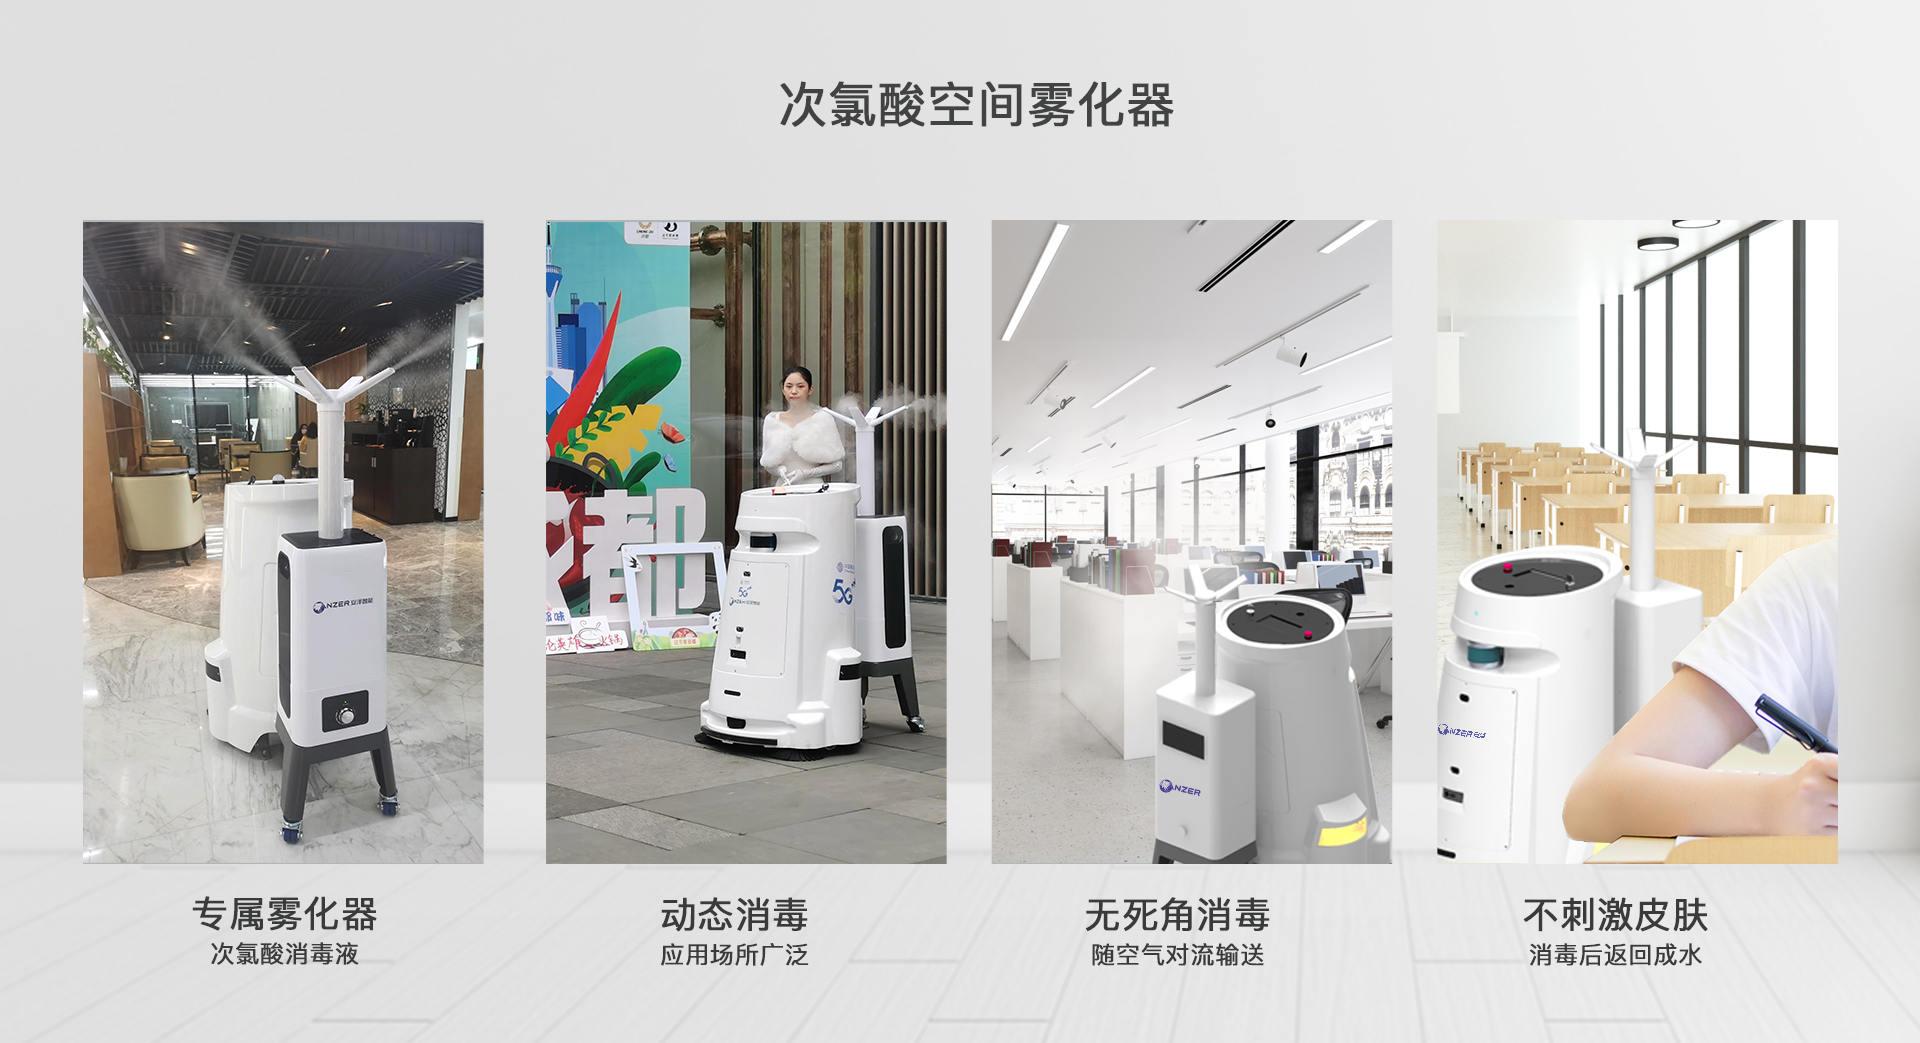 清洁消毒机器人